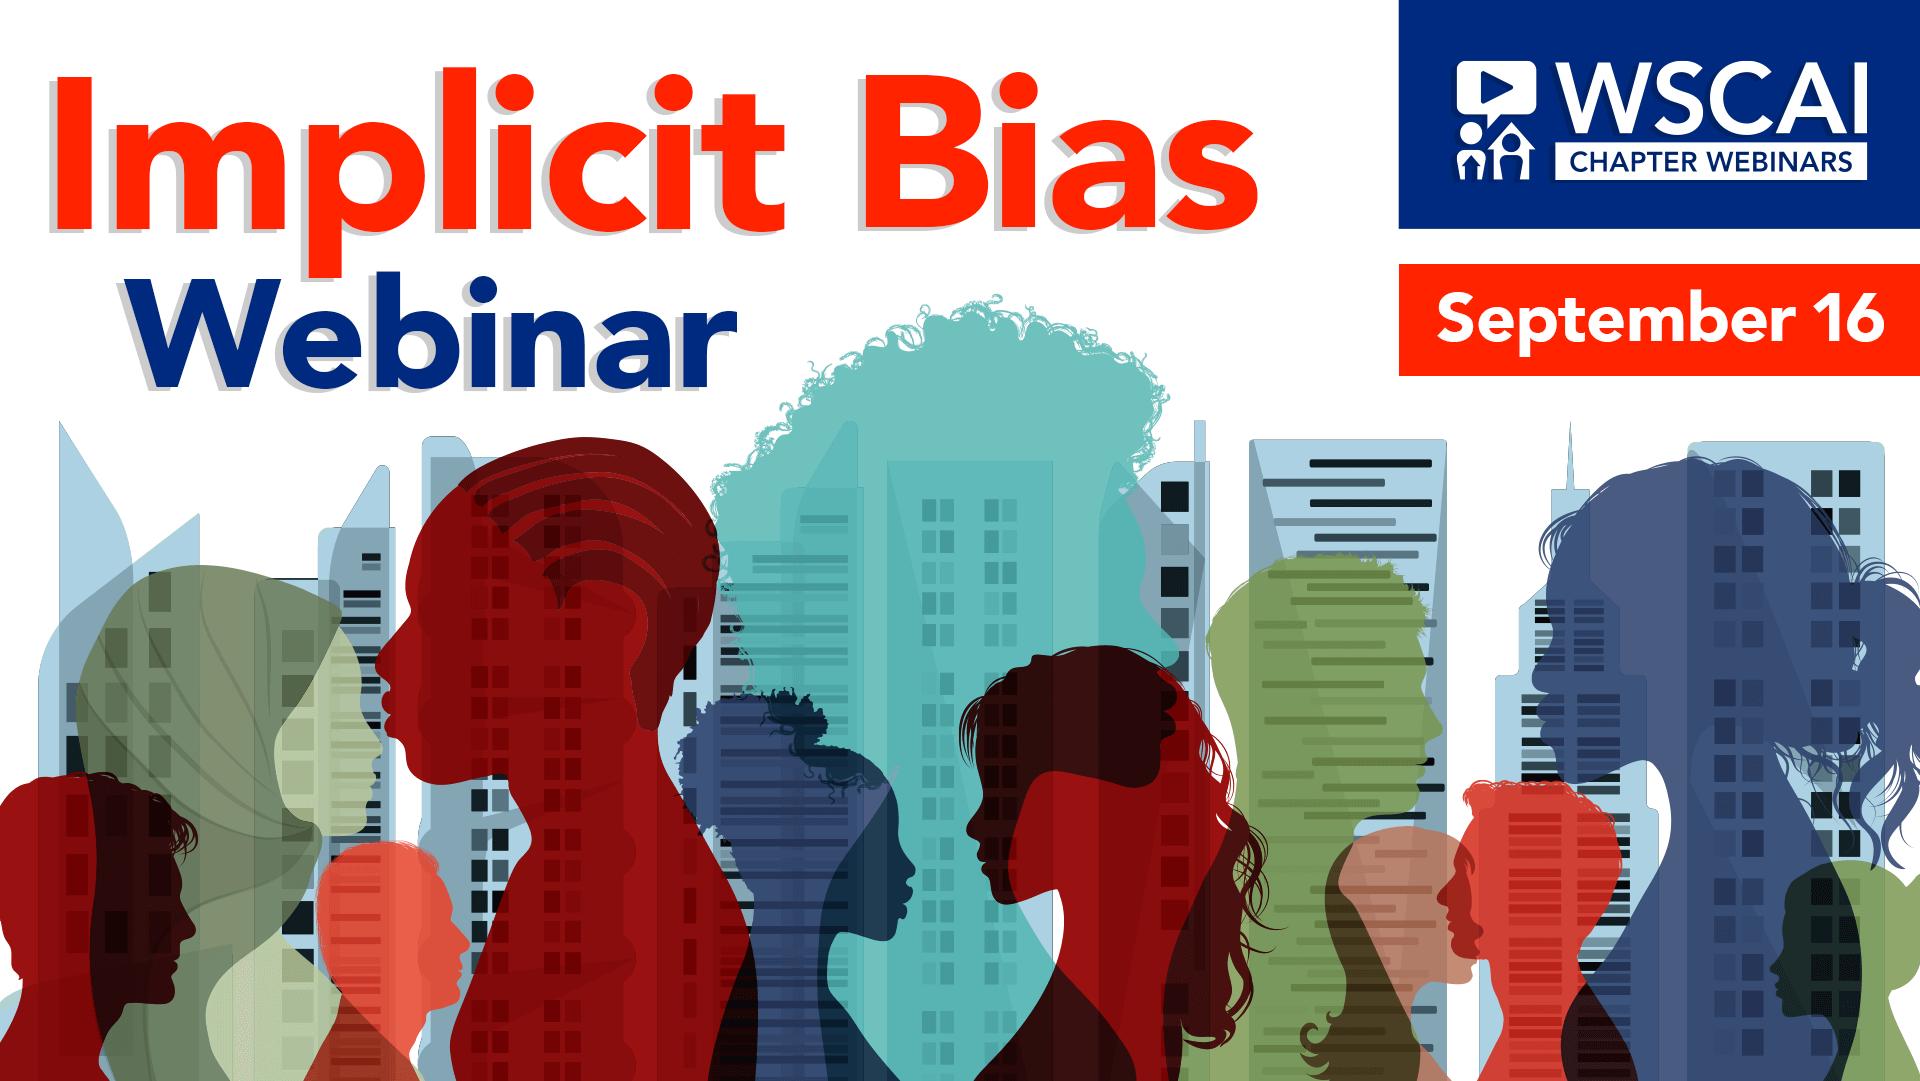 Implicit Bias Webinar - WSCAI Chapter Webinar - September 16